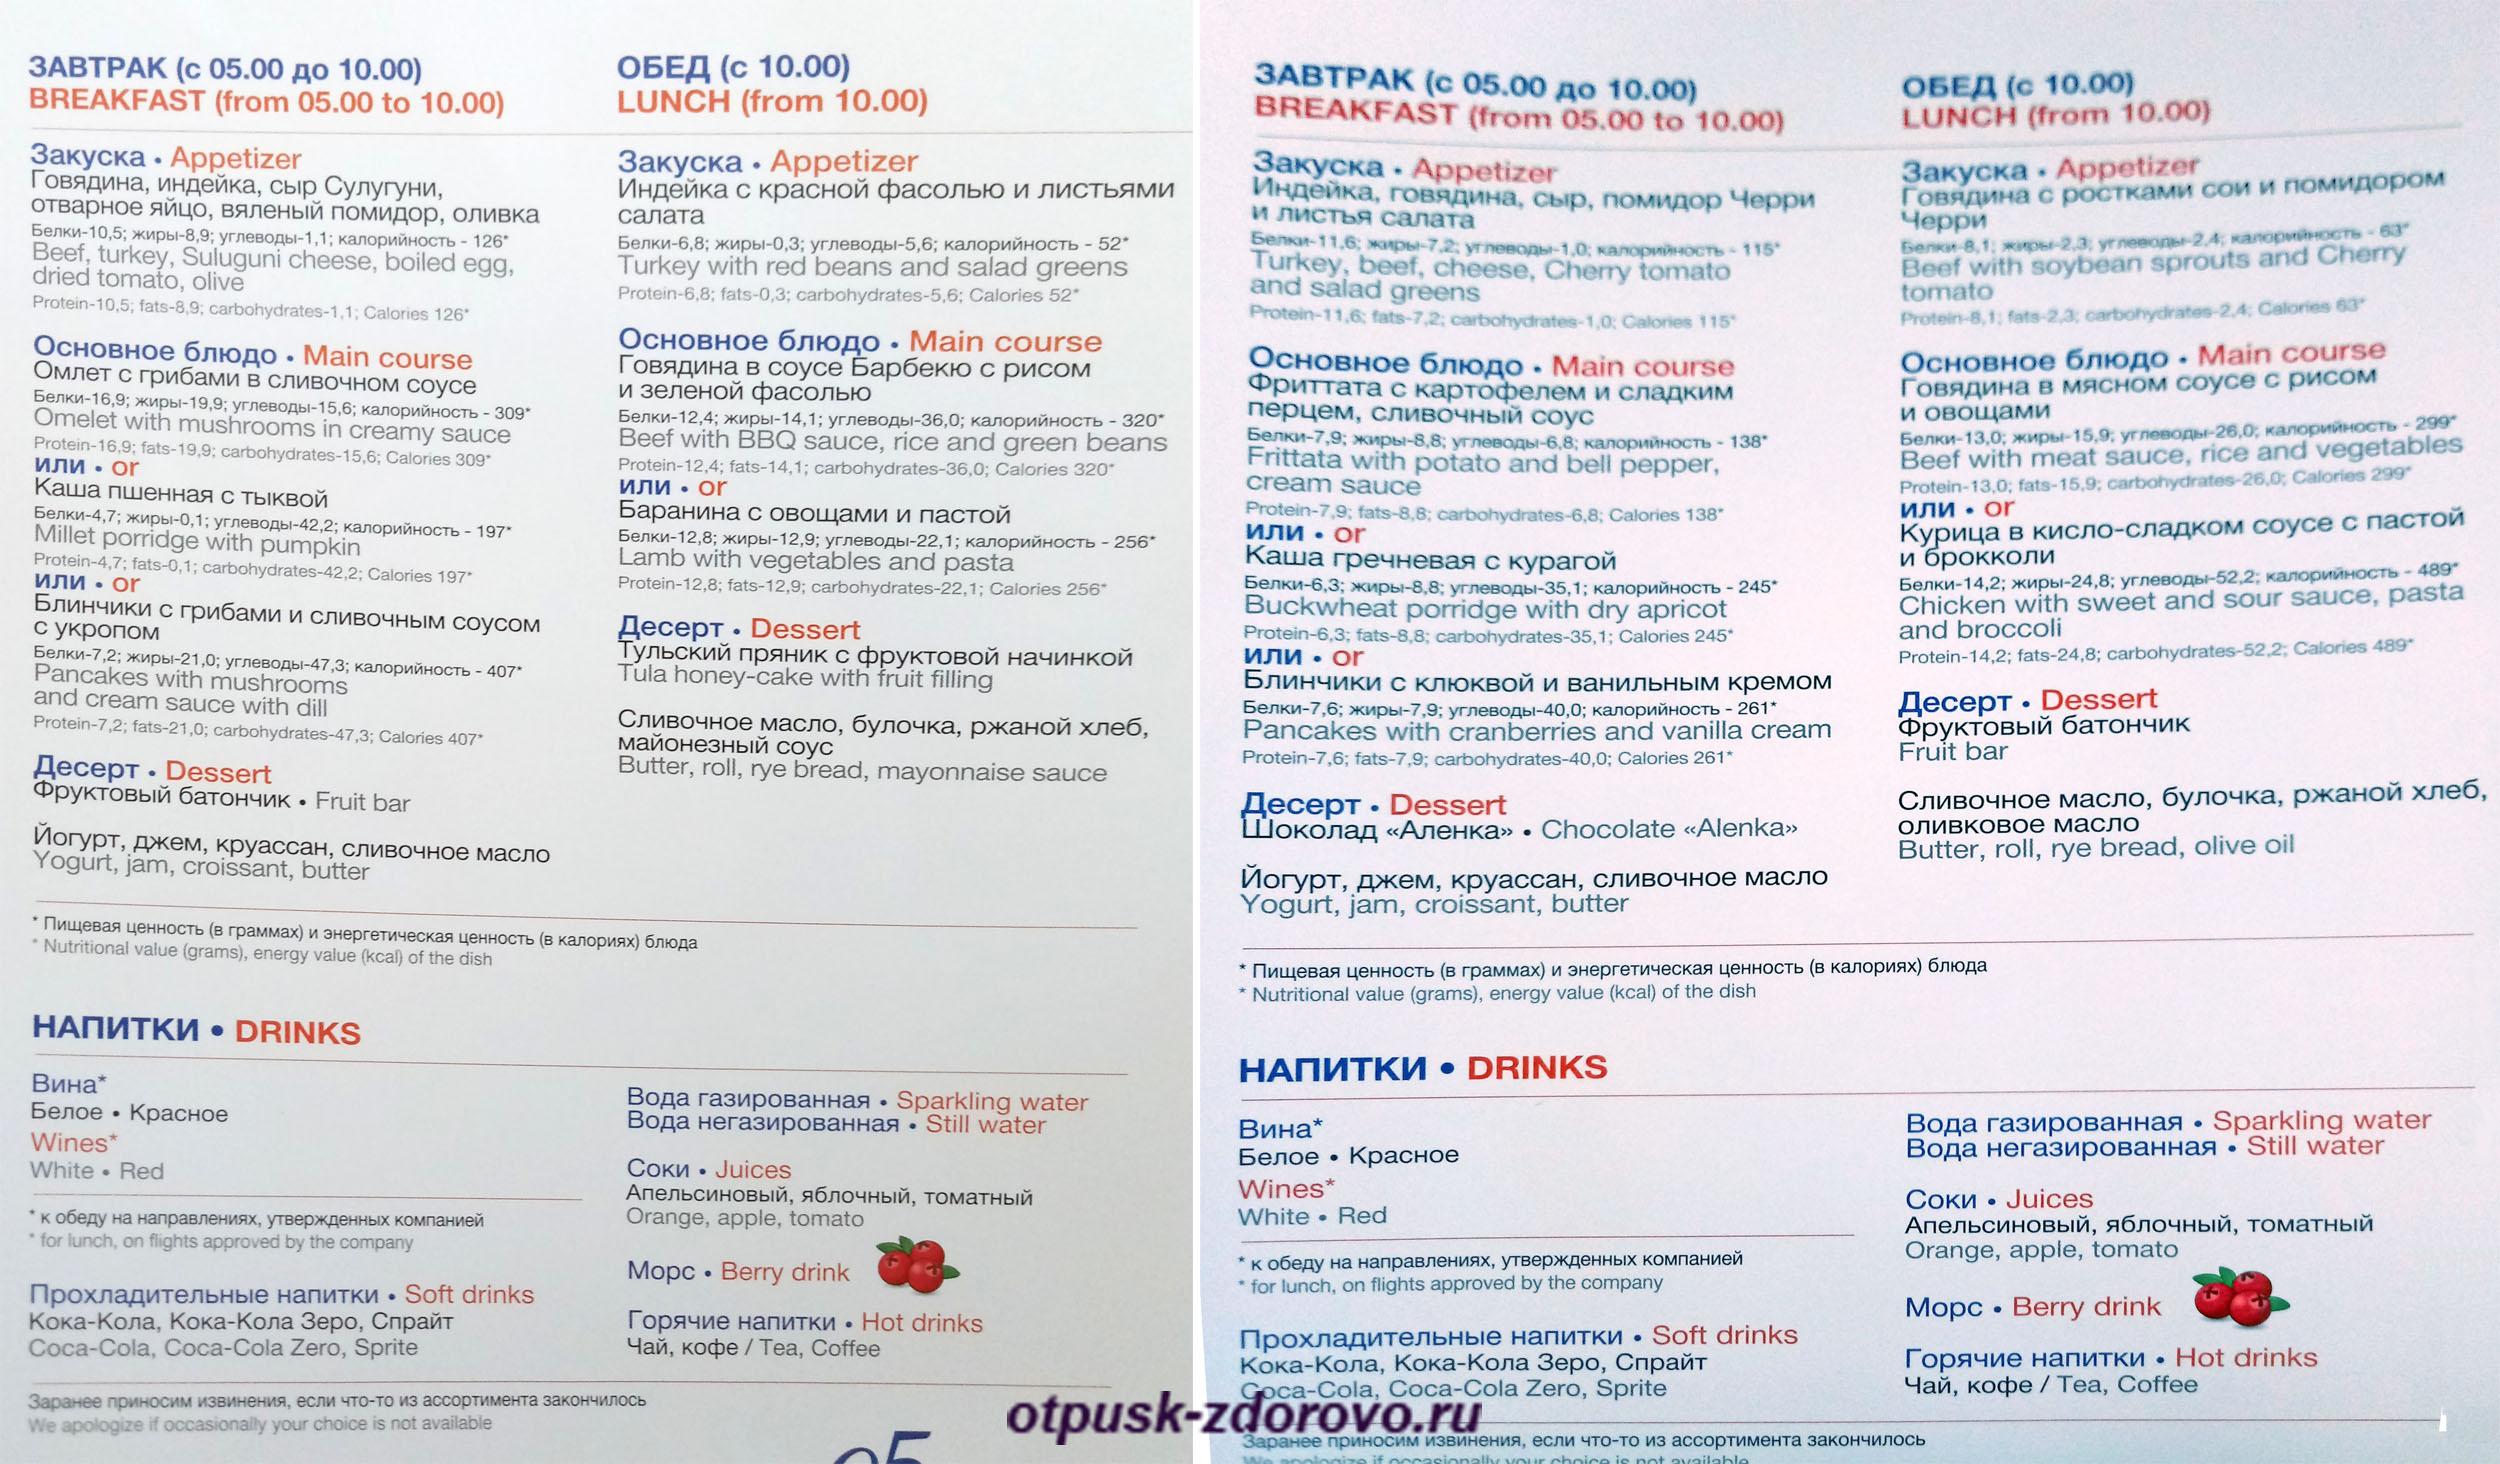 Стандартное питание на борту Аэрофлота, предлагаемое меню